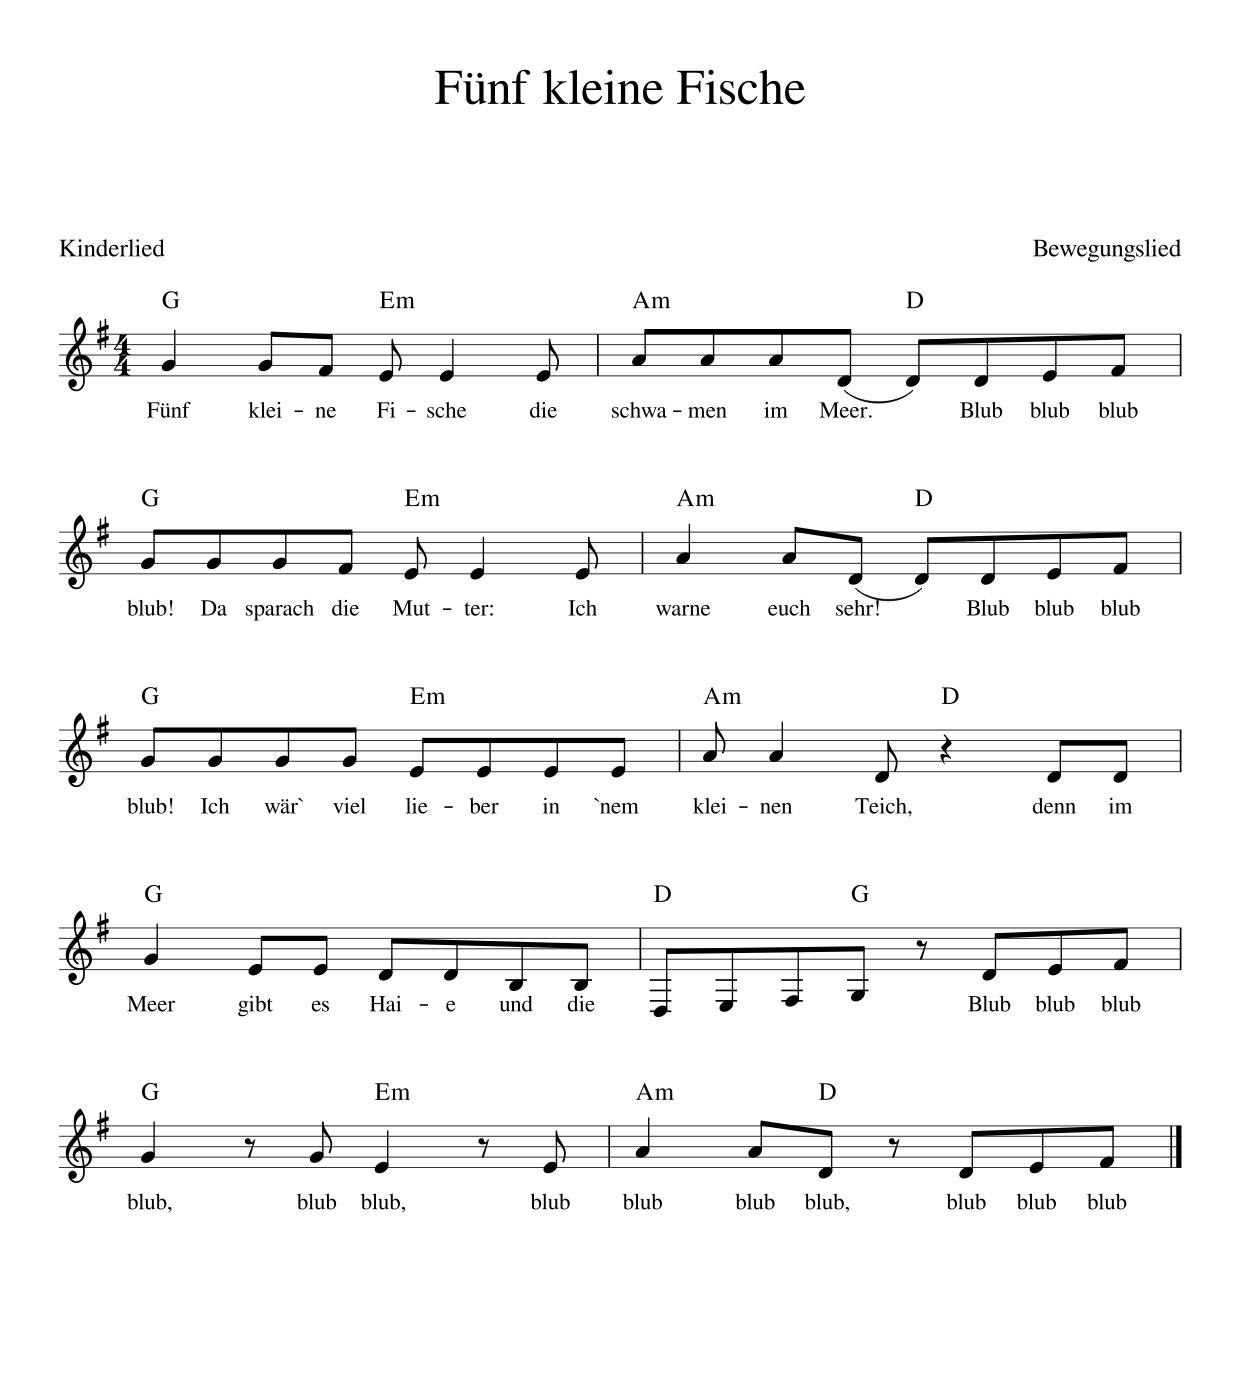 Fünf kleine Fische - Kinderlieder - Noten - Text - Kinderlieder zum ...